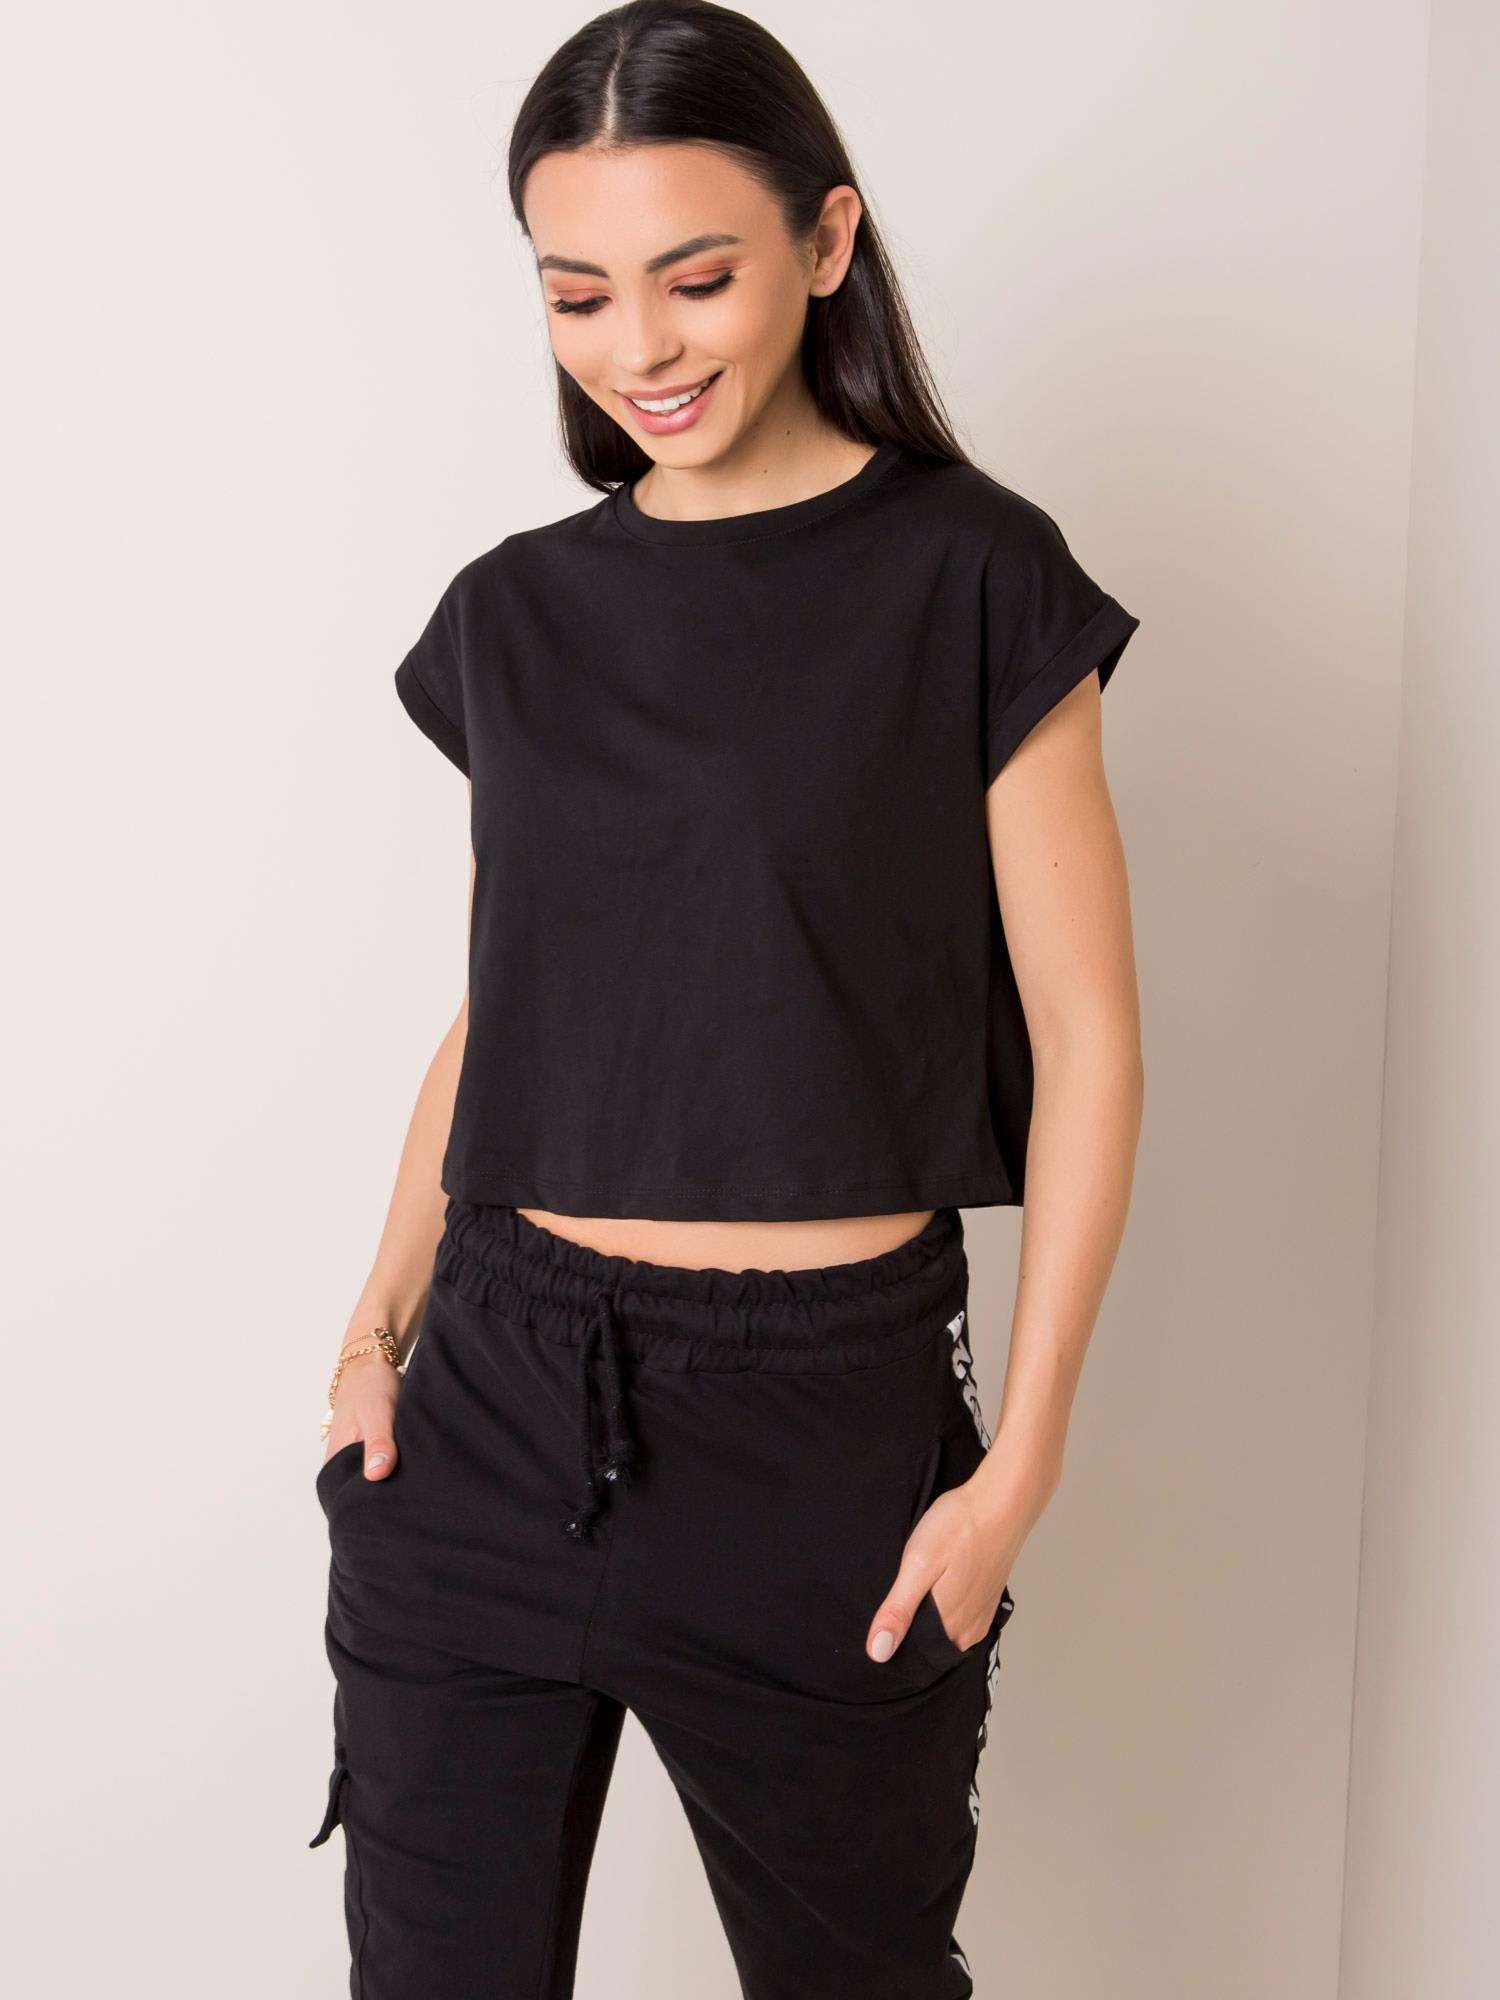 Čierne dámske tričko - L